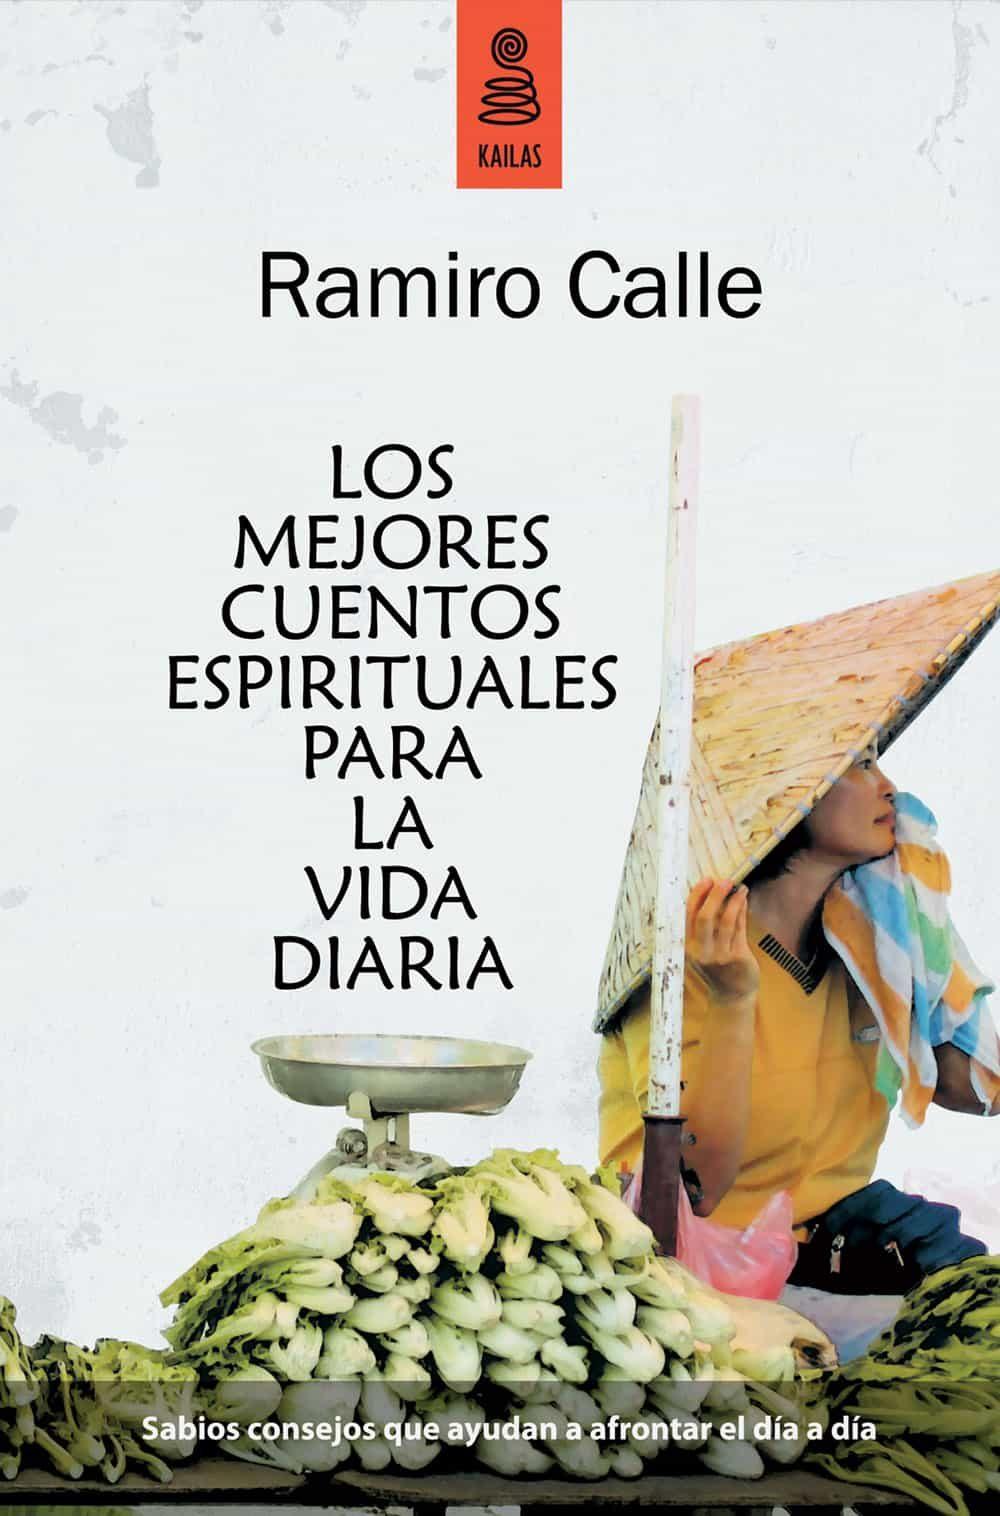 Los Mejores Cuentos Espirituales Para La Vida Diaria Ramiro Calle